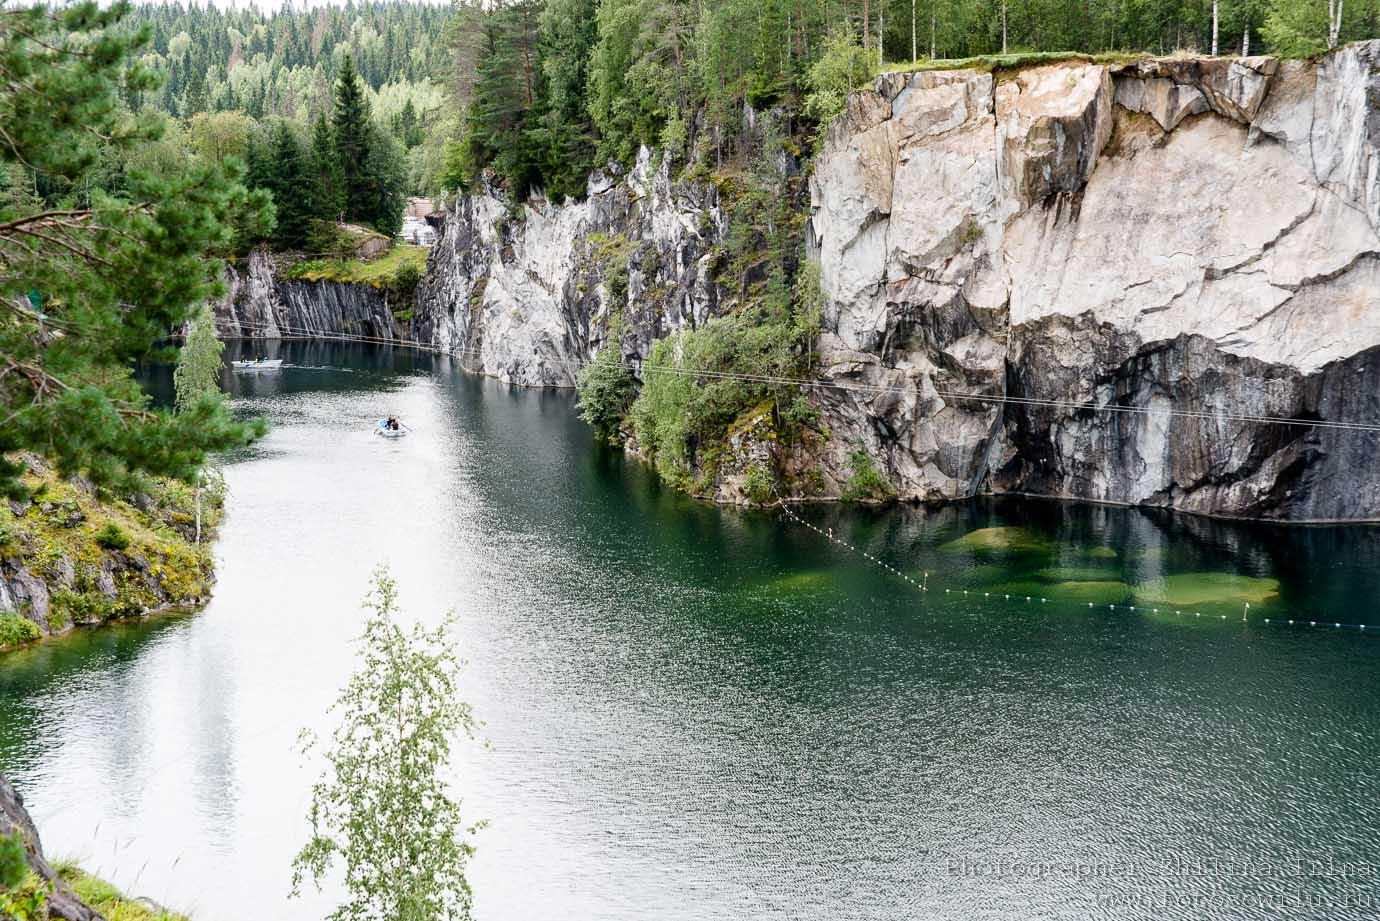 Горный парк, Мраморный карьер, Карелия, горный парк, куда поехать отдыхать, отдых в России, что смотреть в России